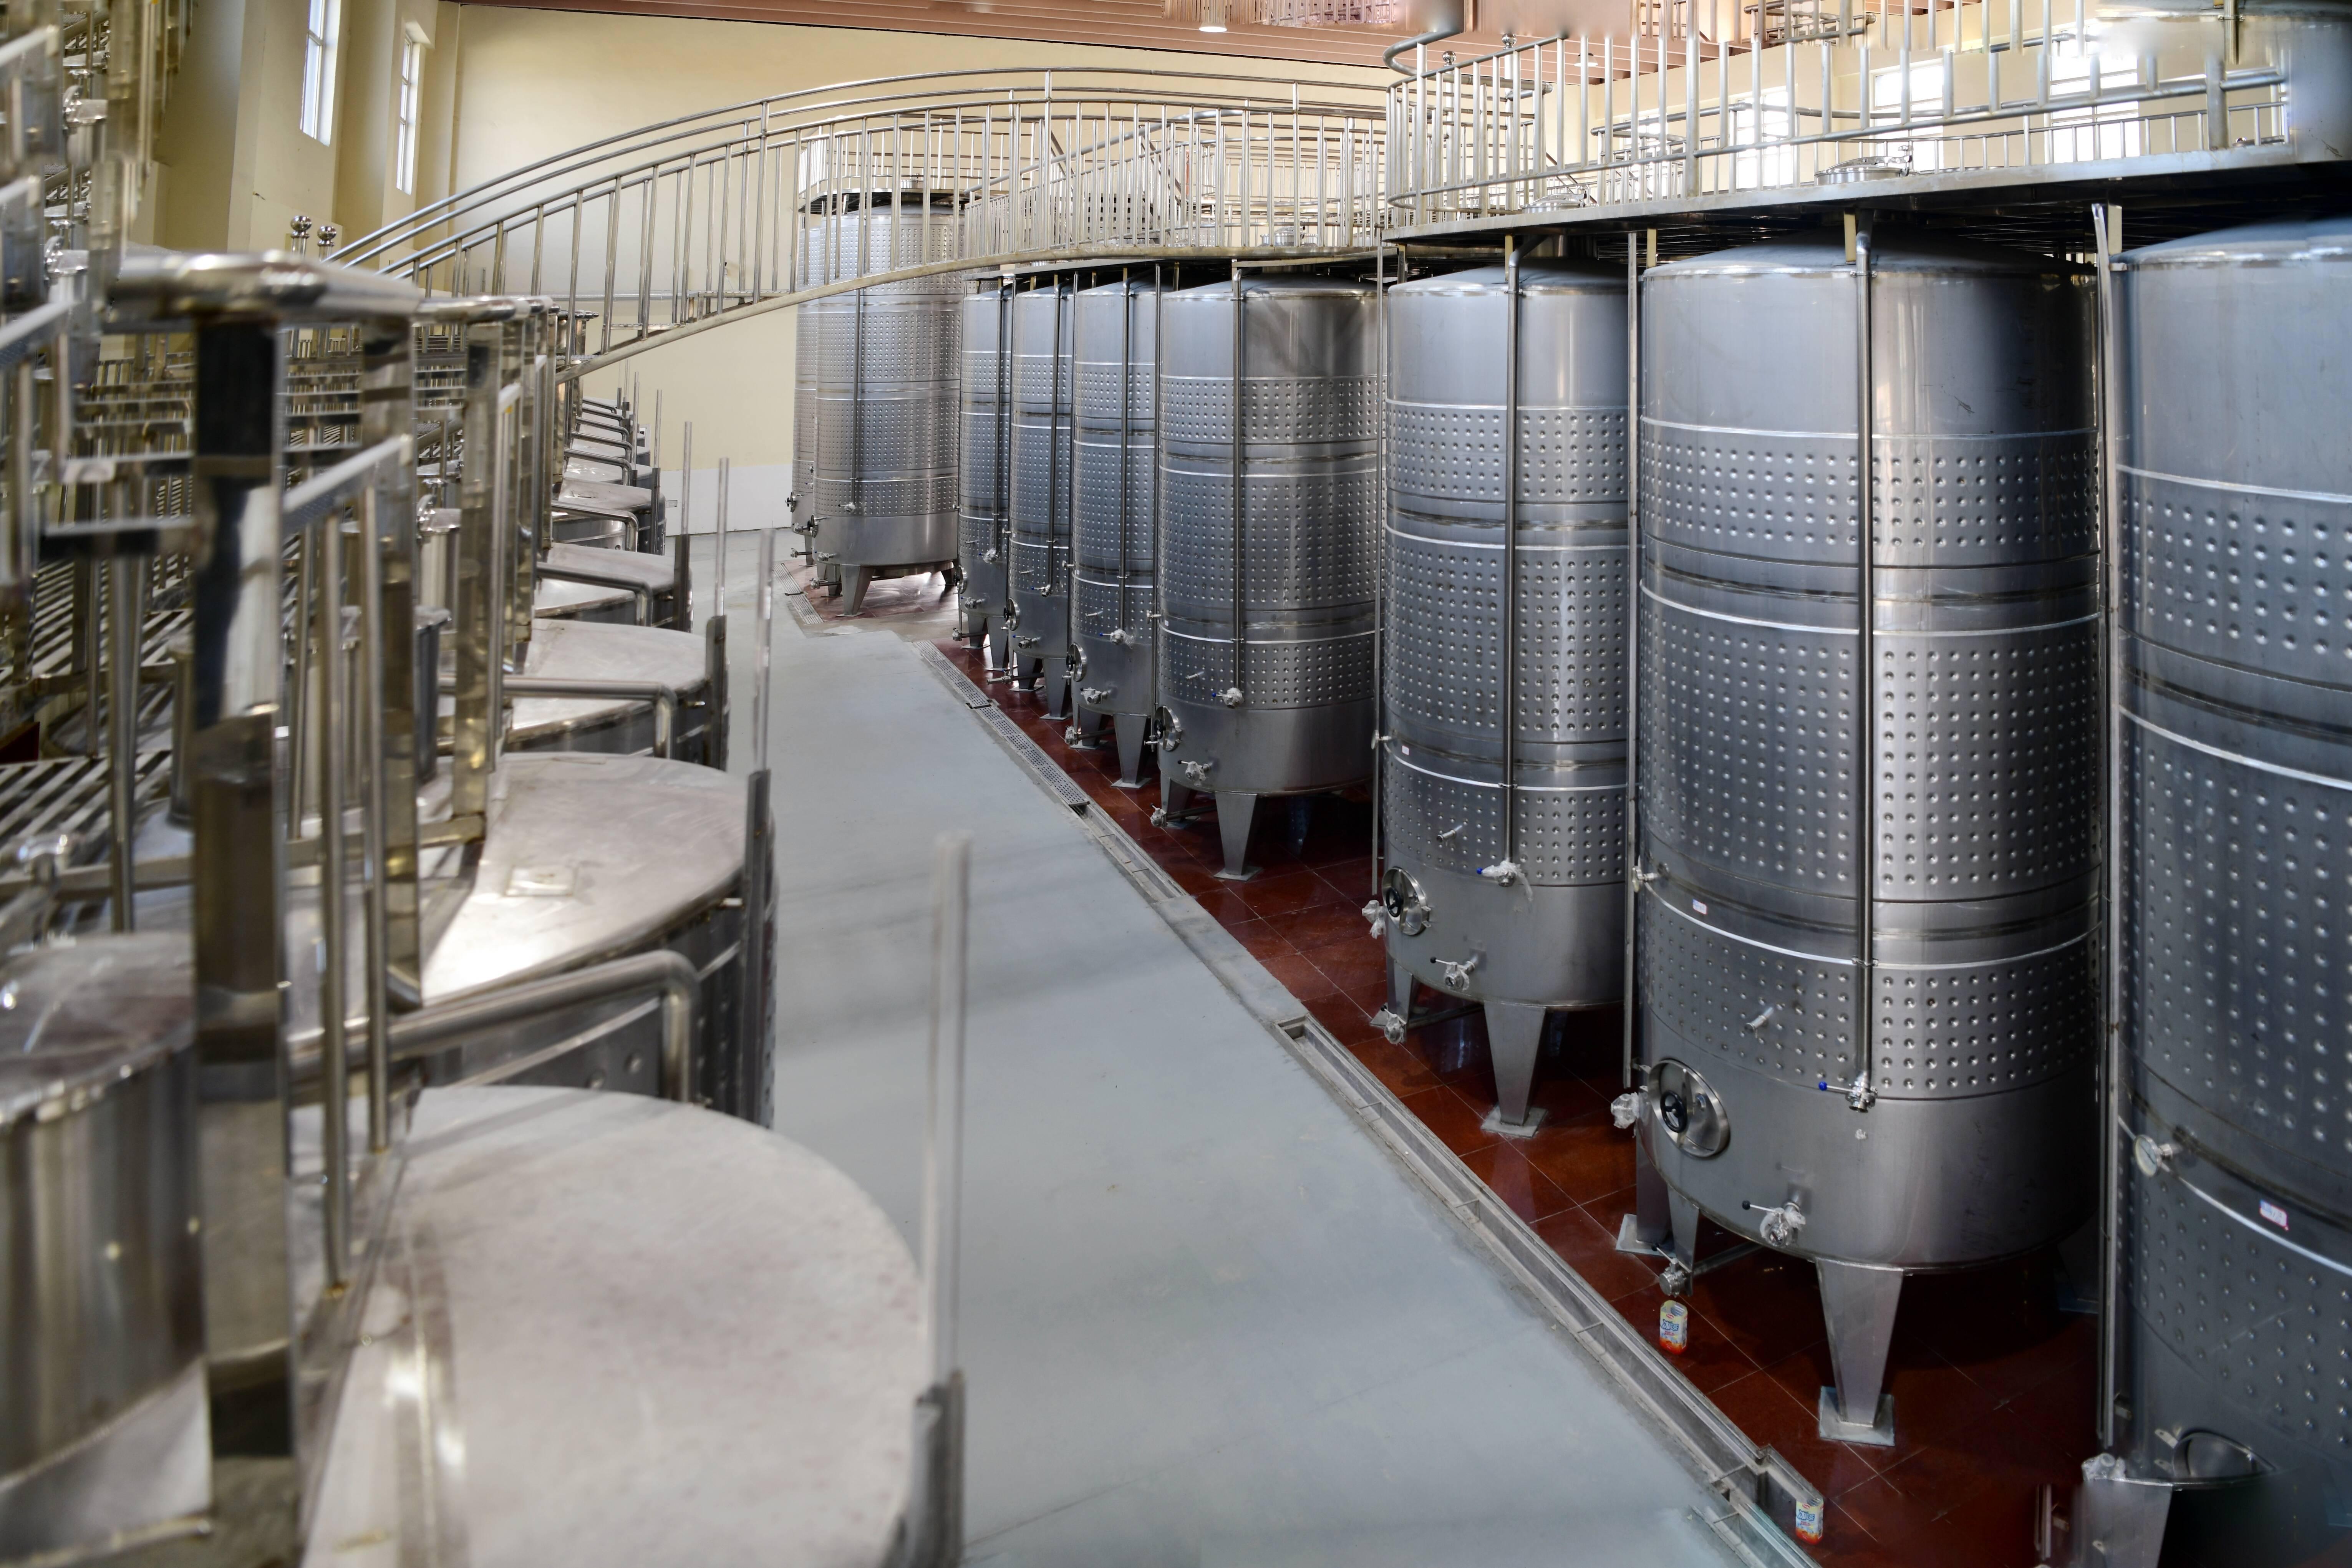 紫斐蓝莓深加工项目内部,众多酒罐整齐排列。记者 王雪 摄